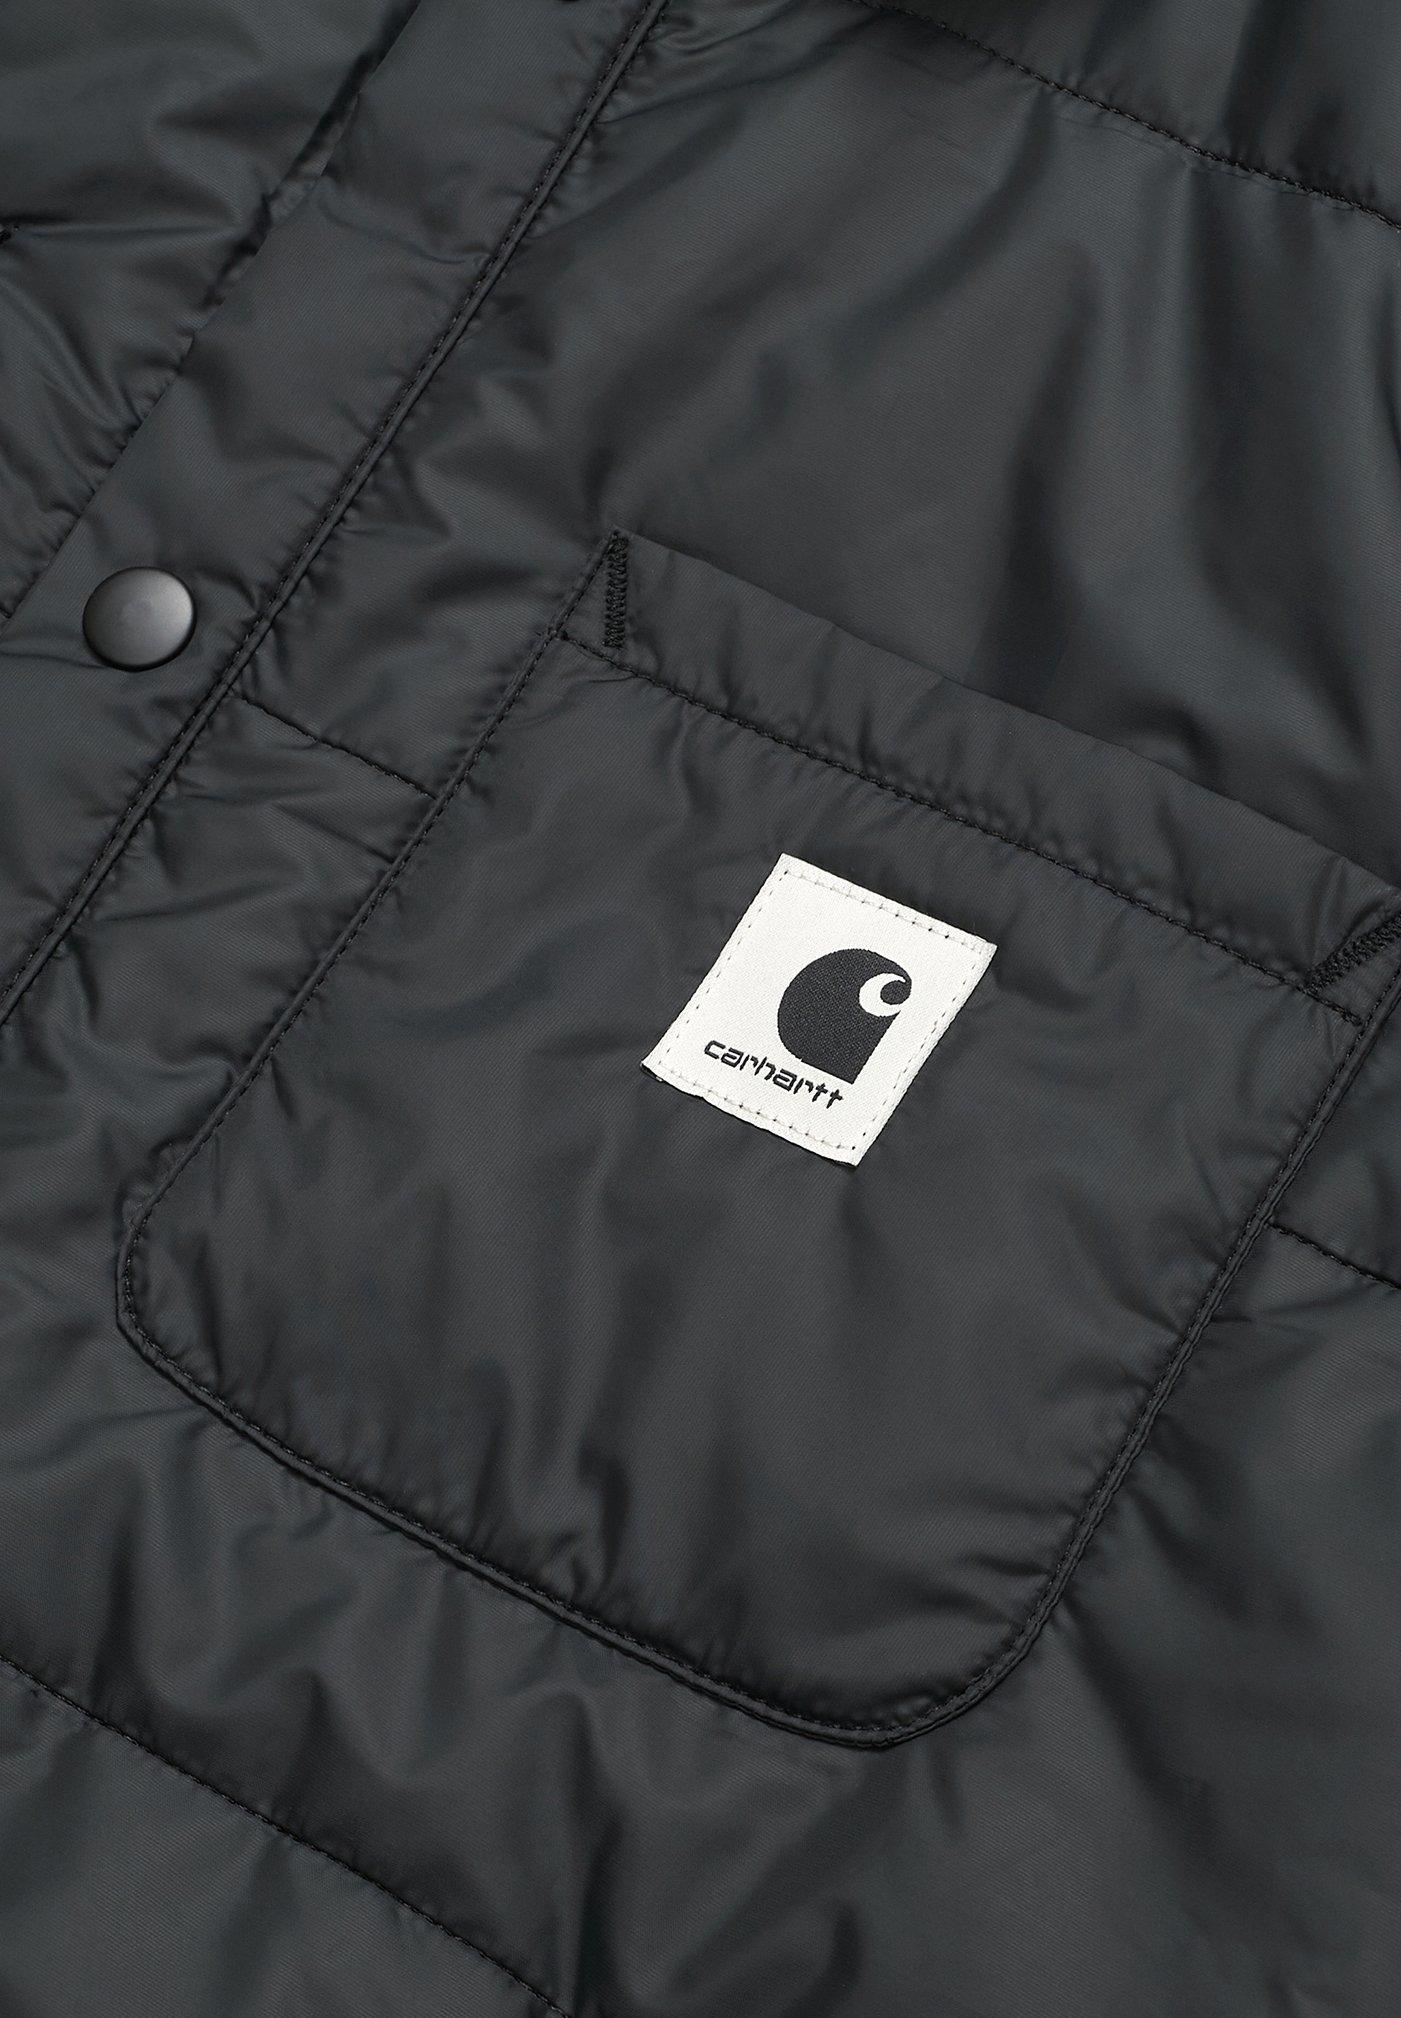 Carhartt WIP Übergangsjacke black/schwarz